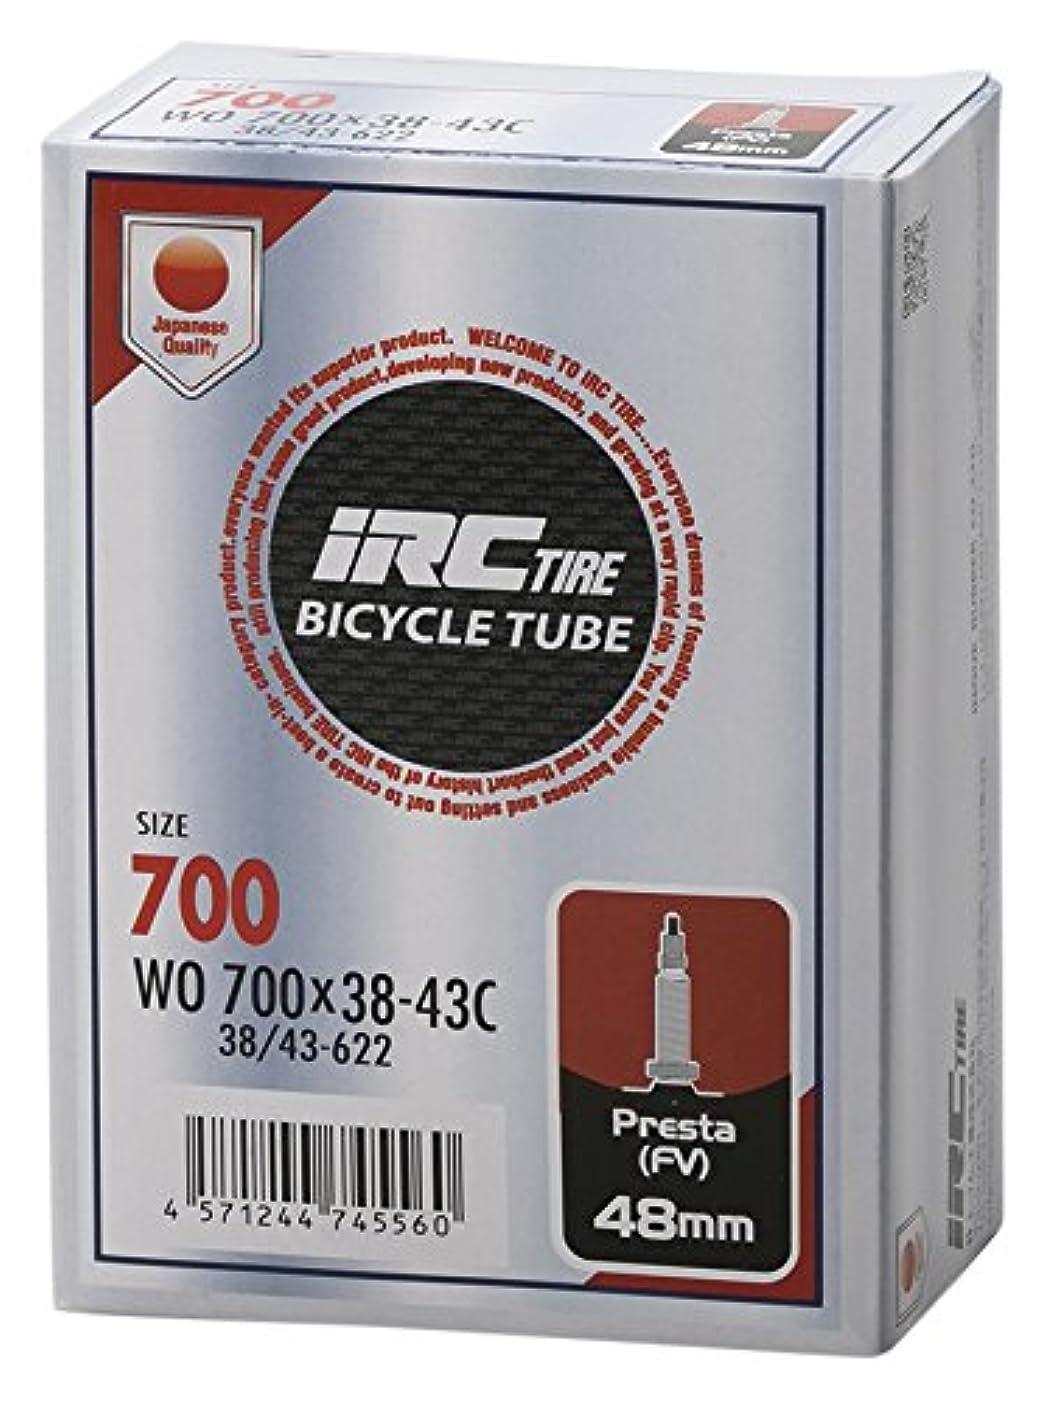 何黒くする調停するIRC BICYCLE TUBE 700X38-43C 仏式48mmバルブ 28969J